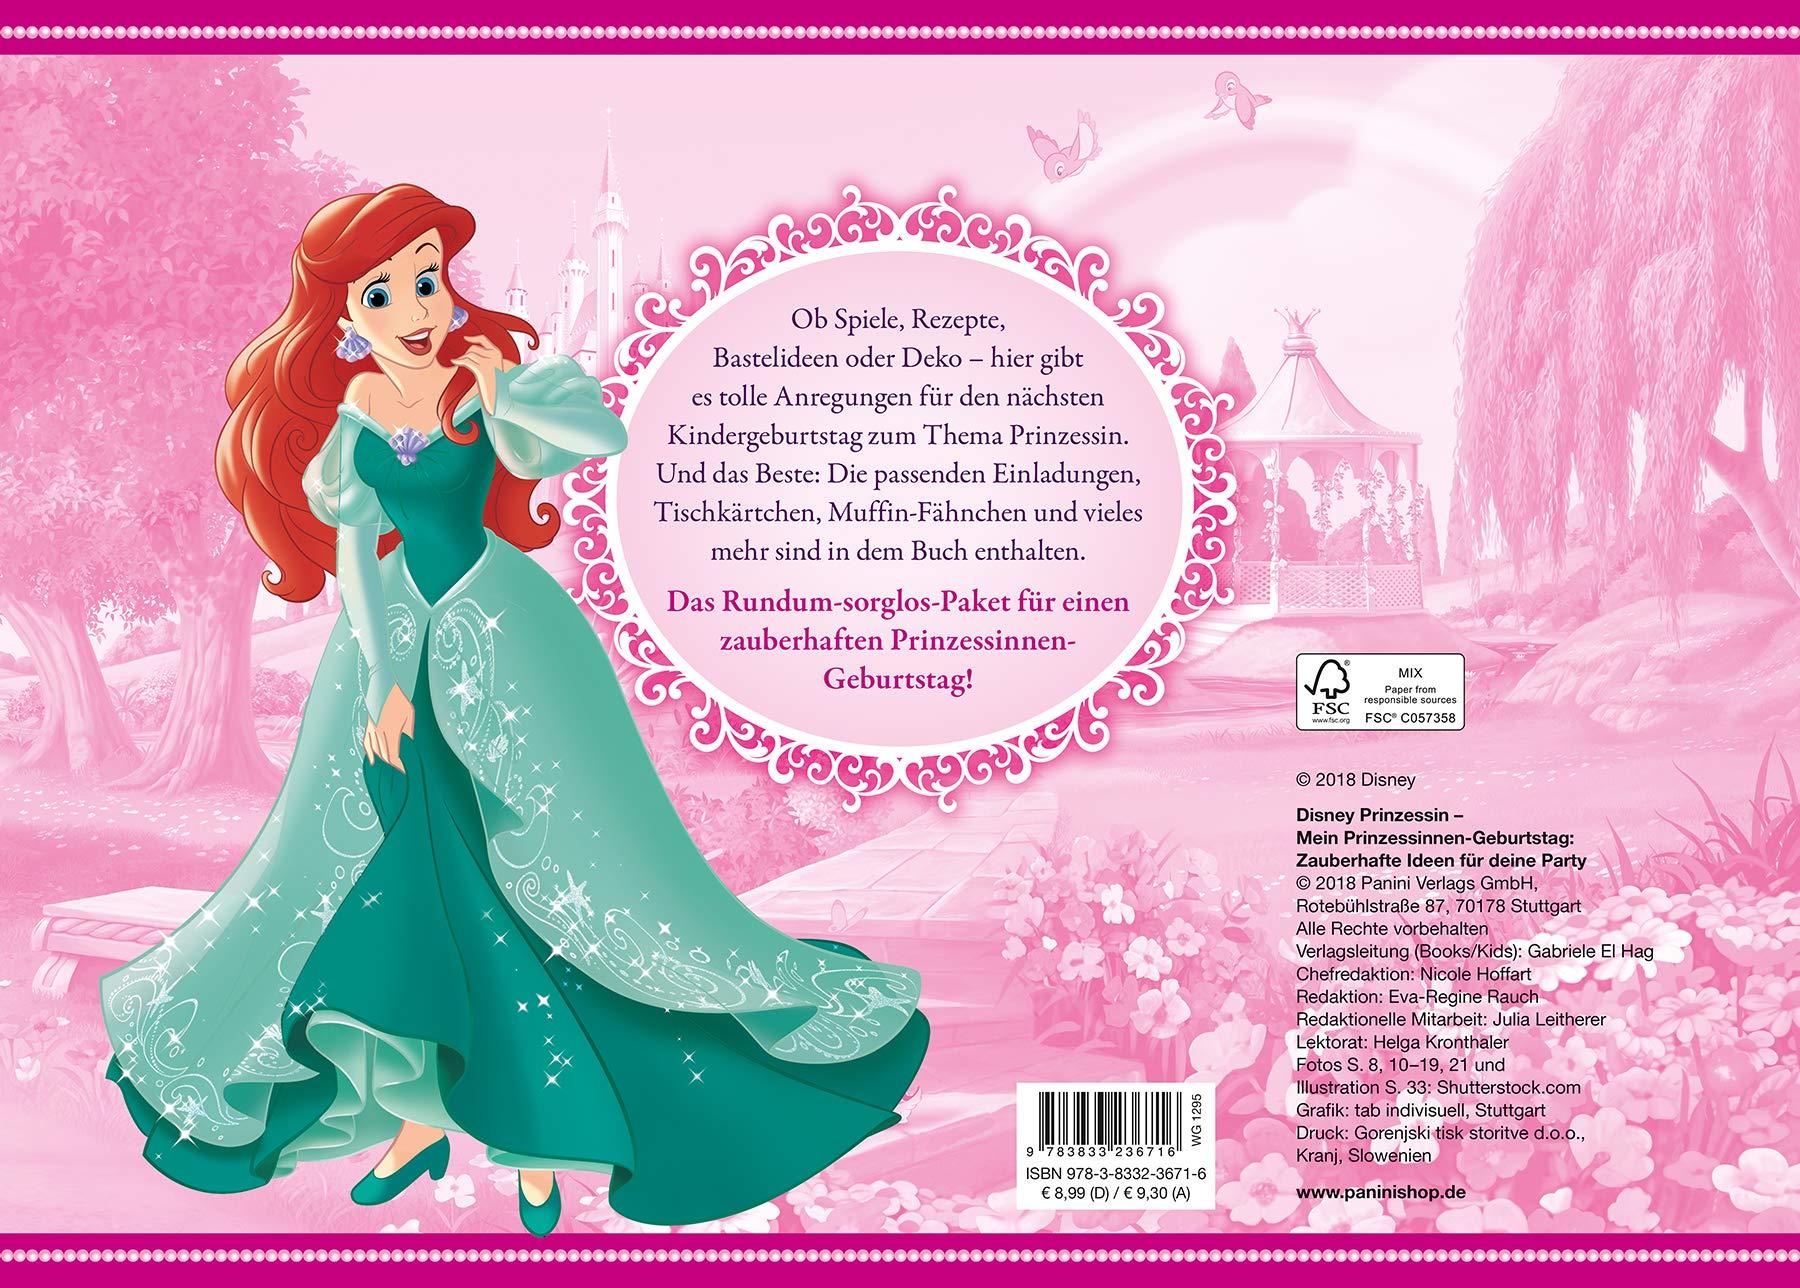 Disney Prinzessin Mein Prinzessinnen Geburtstag Zauberhafte Ideen